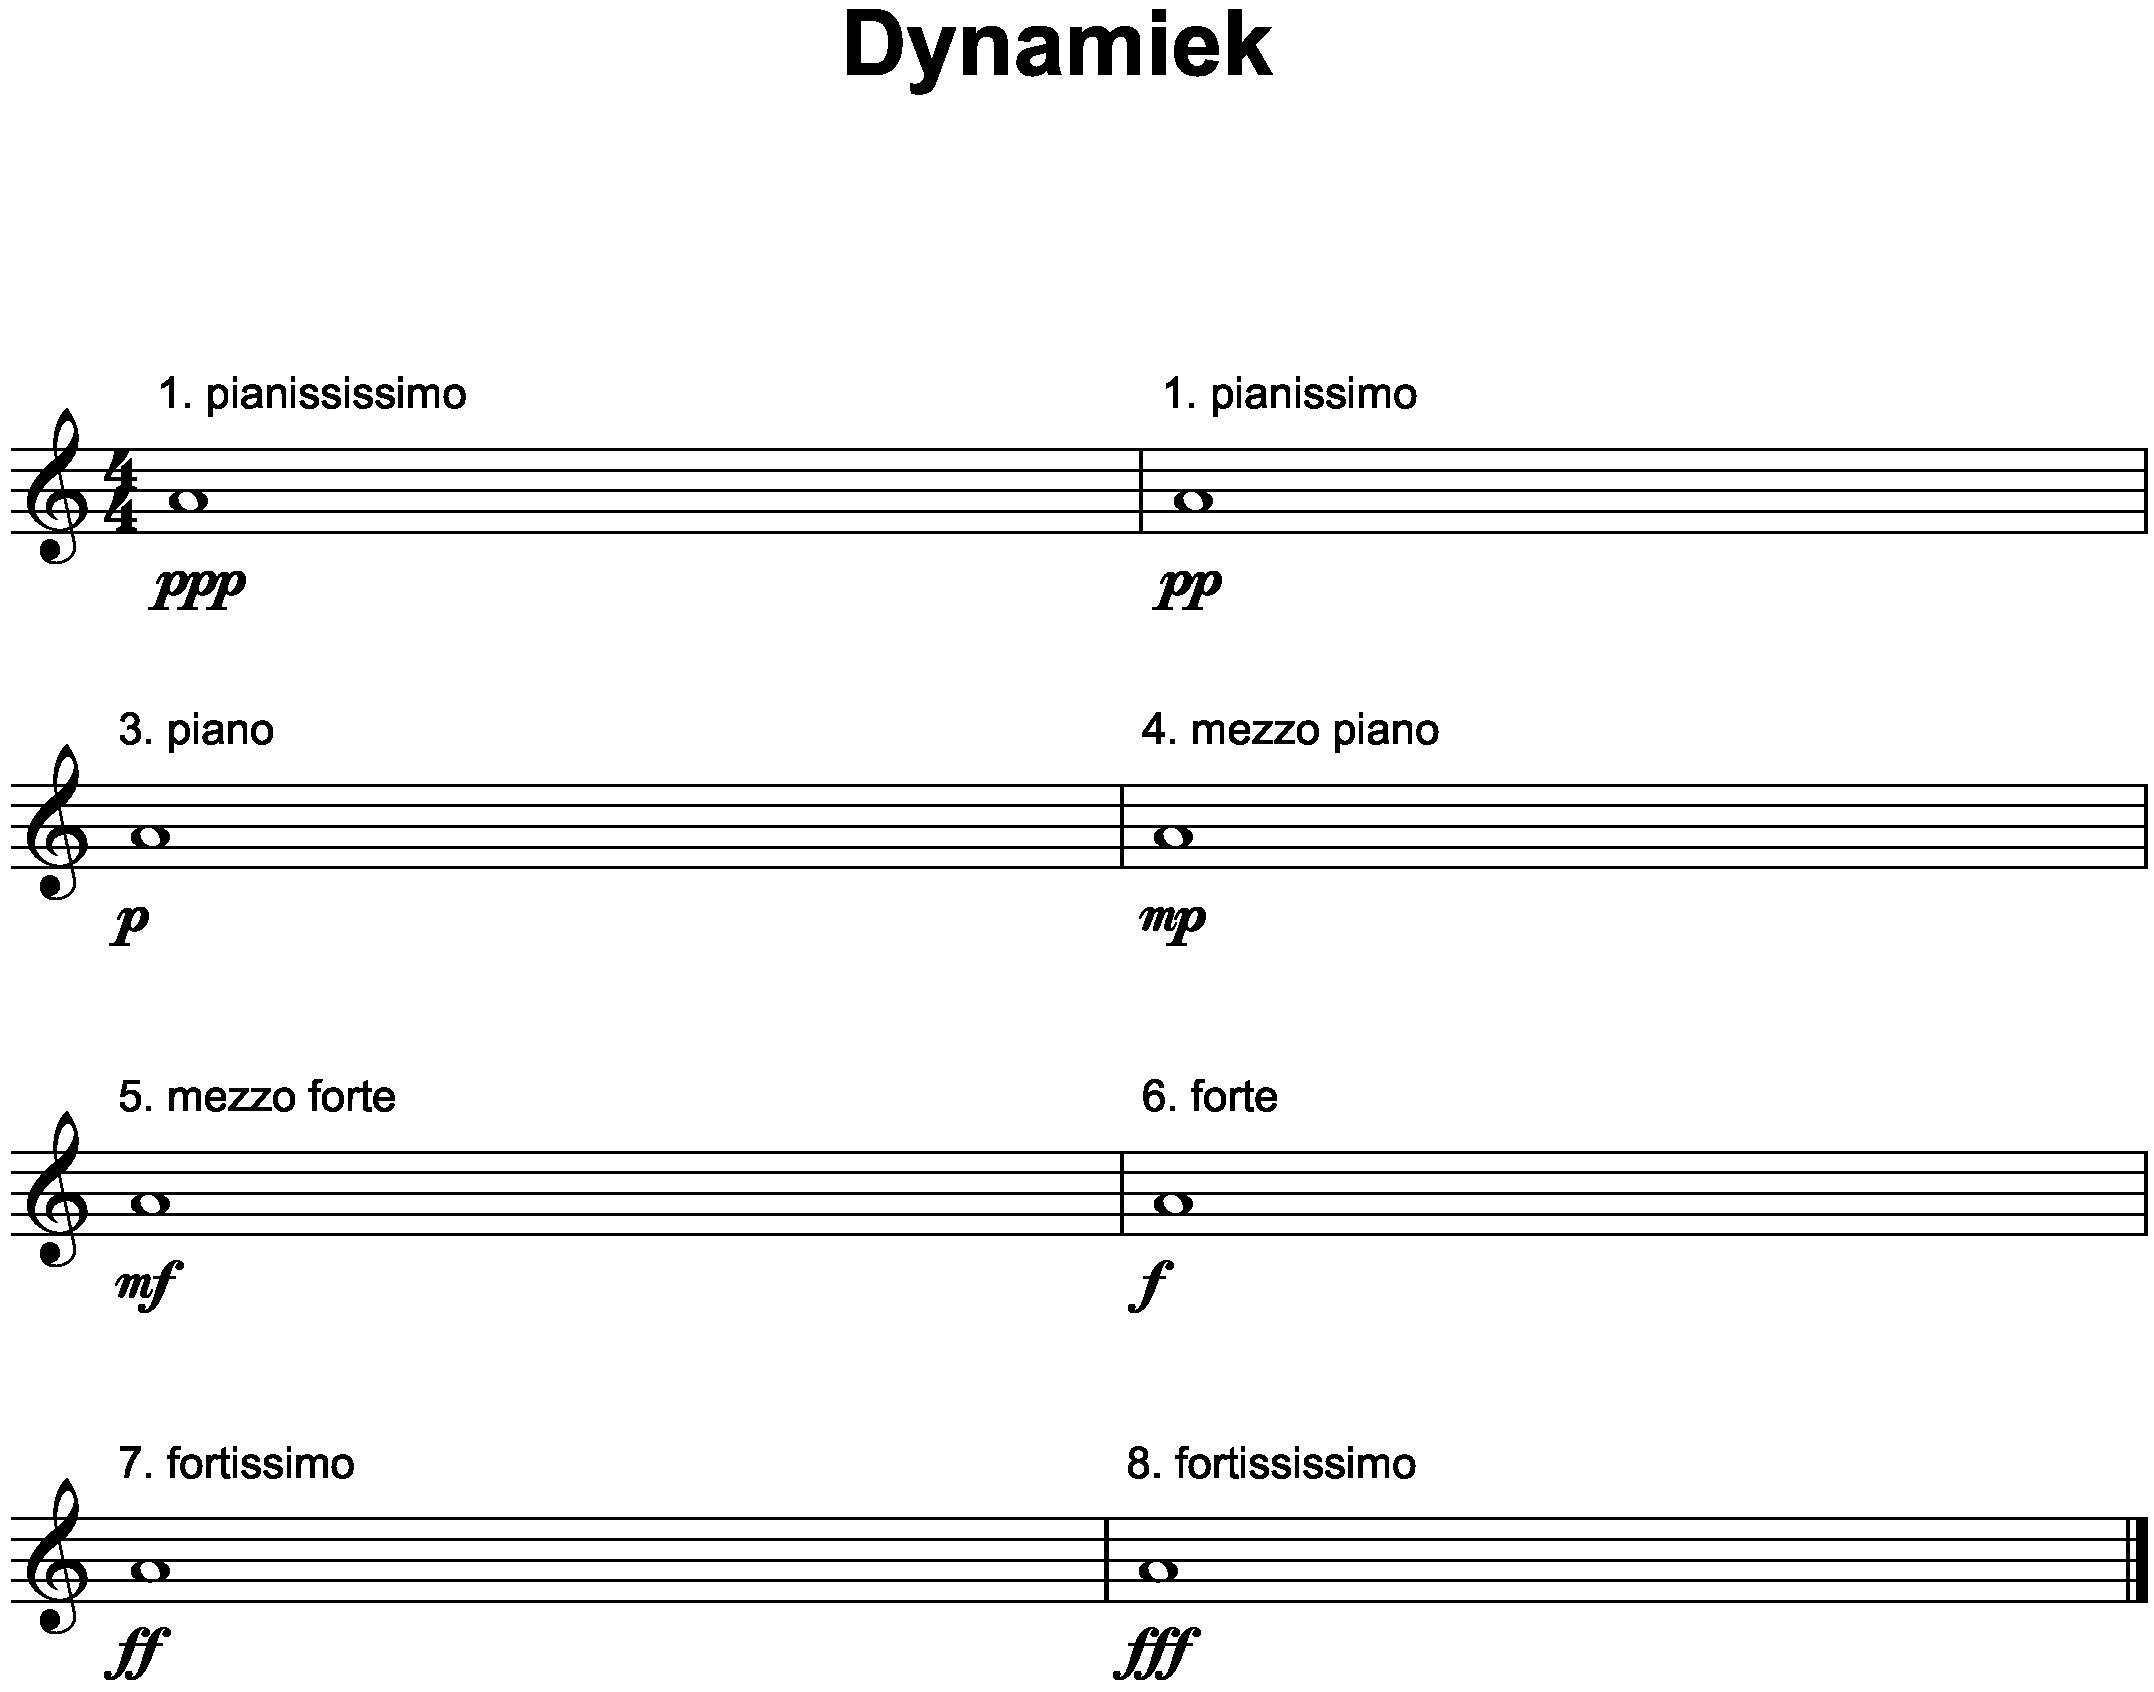 dynamiek